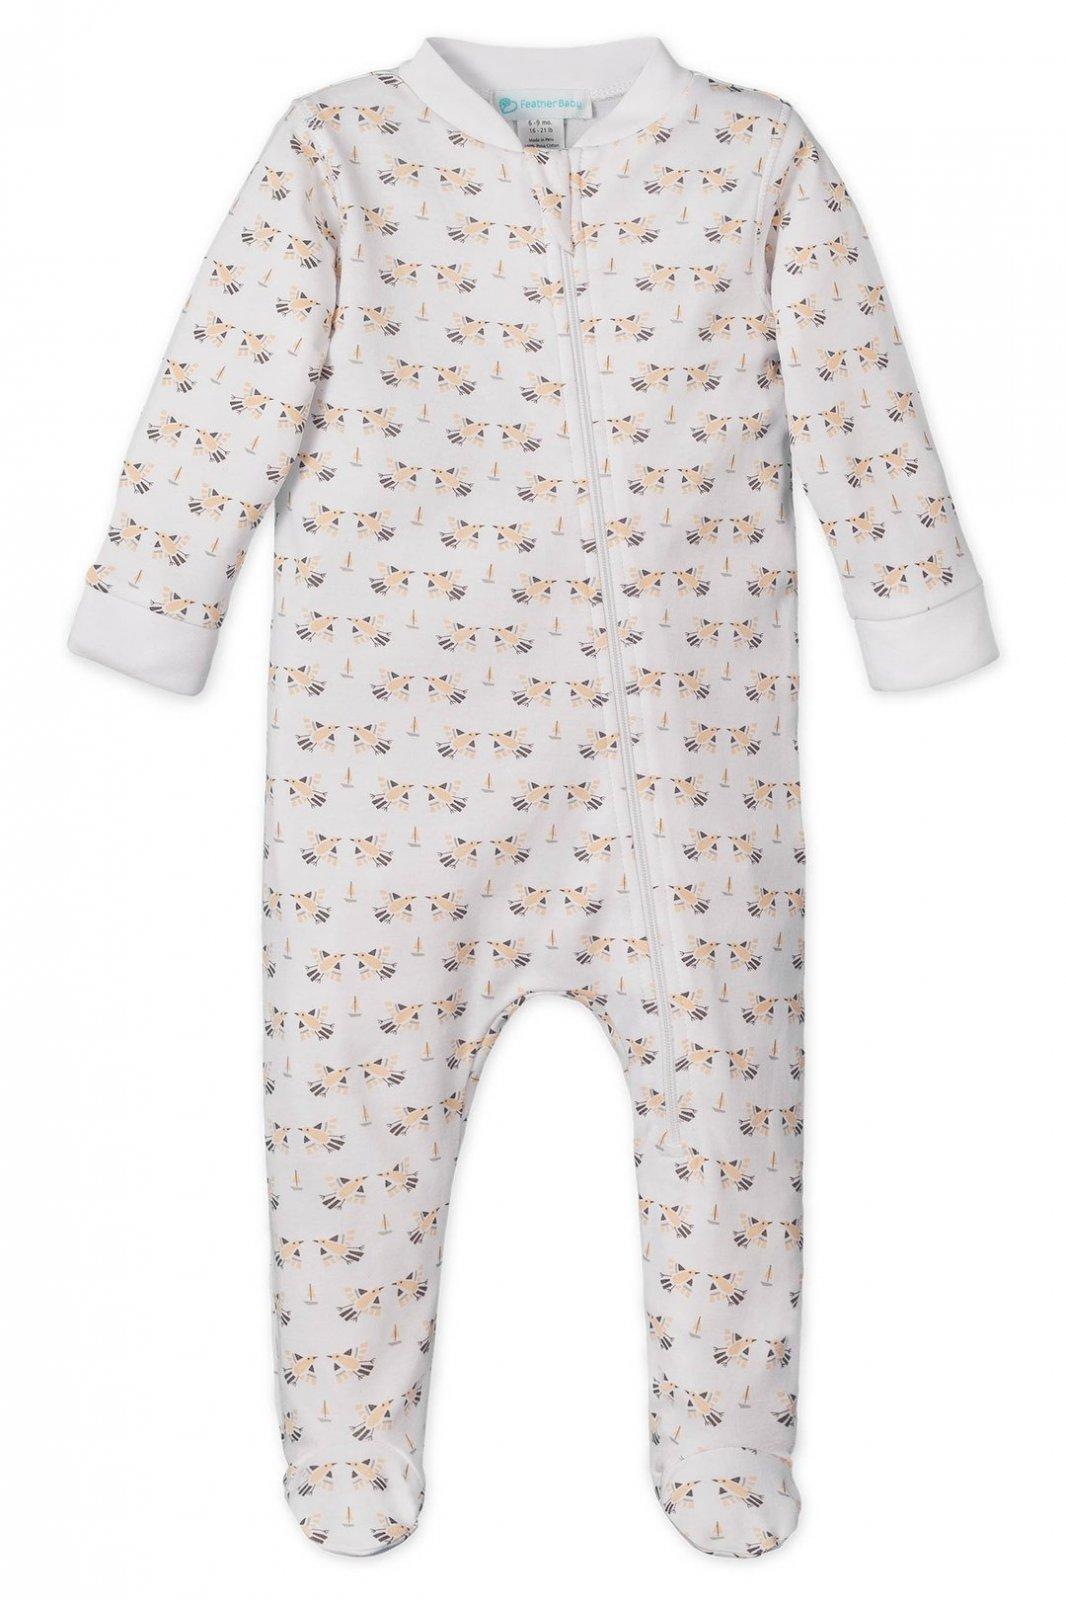 Feather Baby Ruffle Kimono Footie - Doves on White